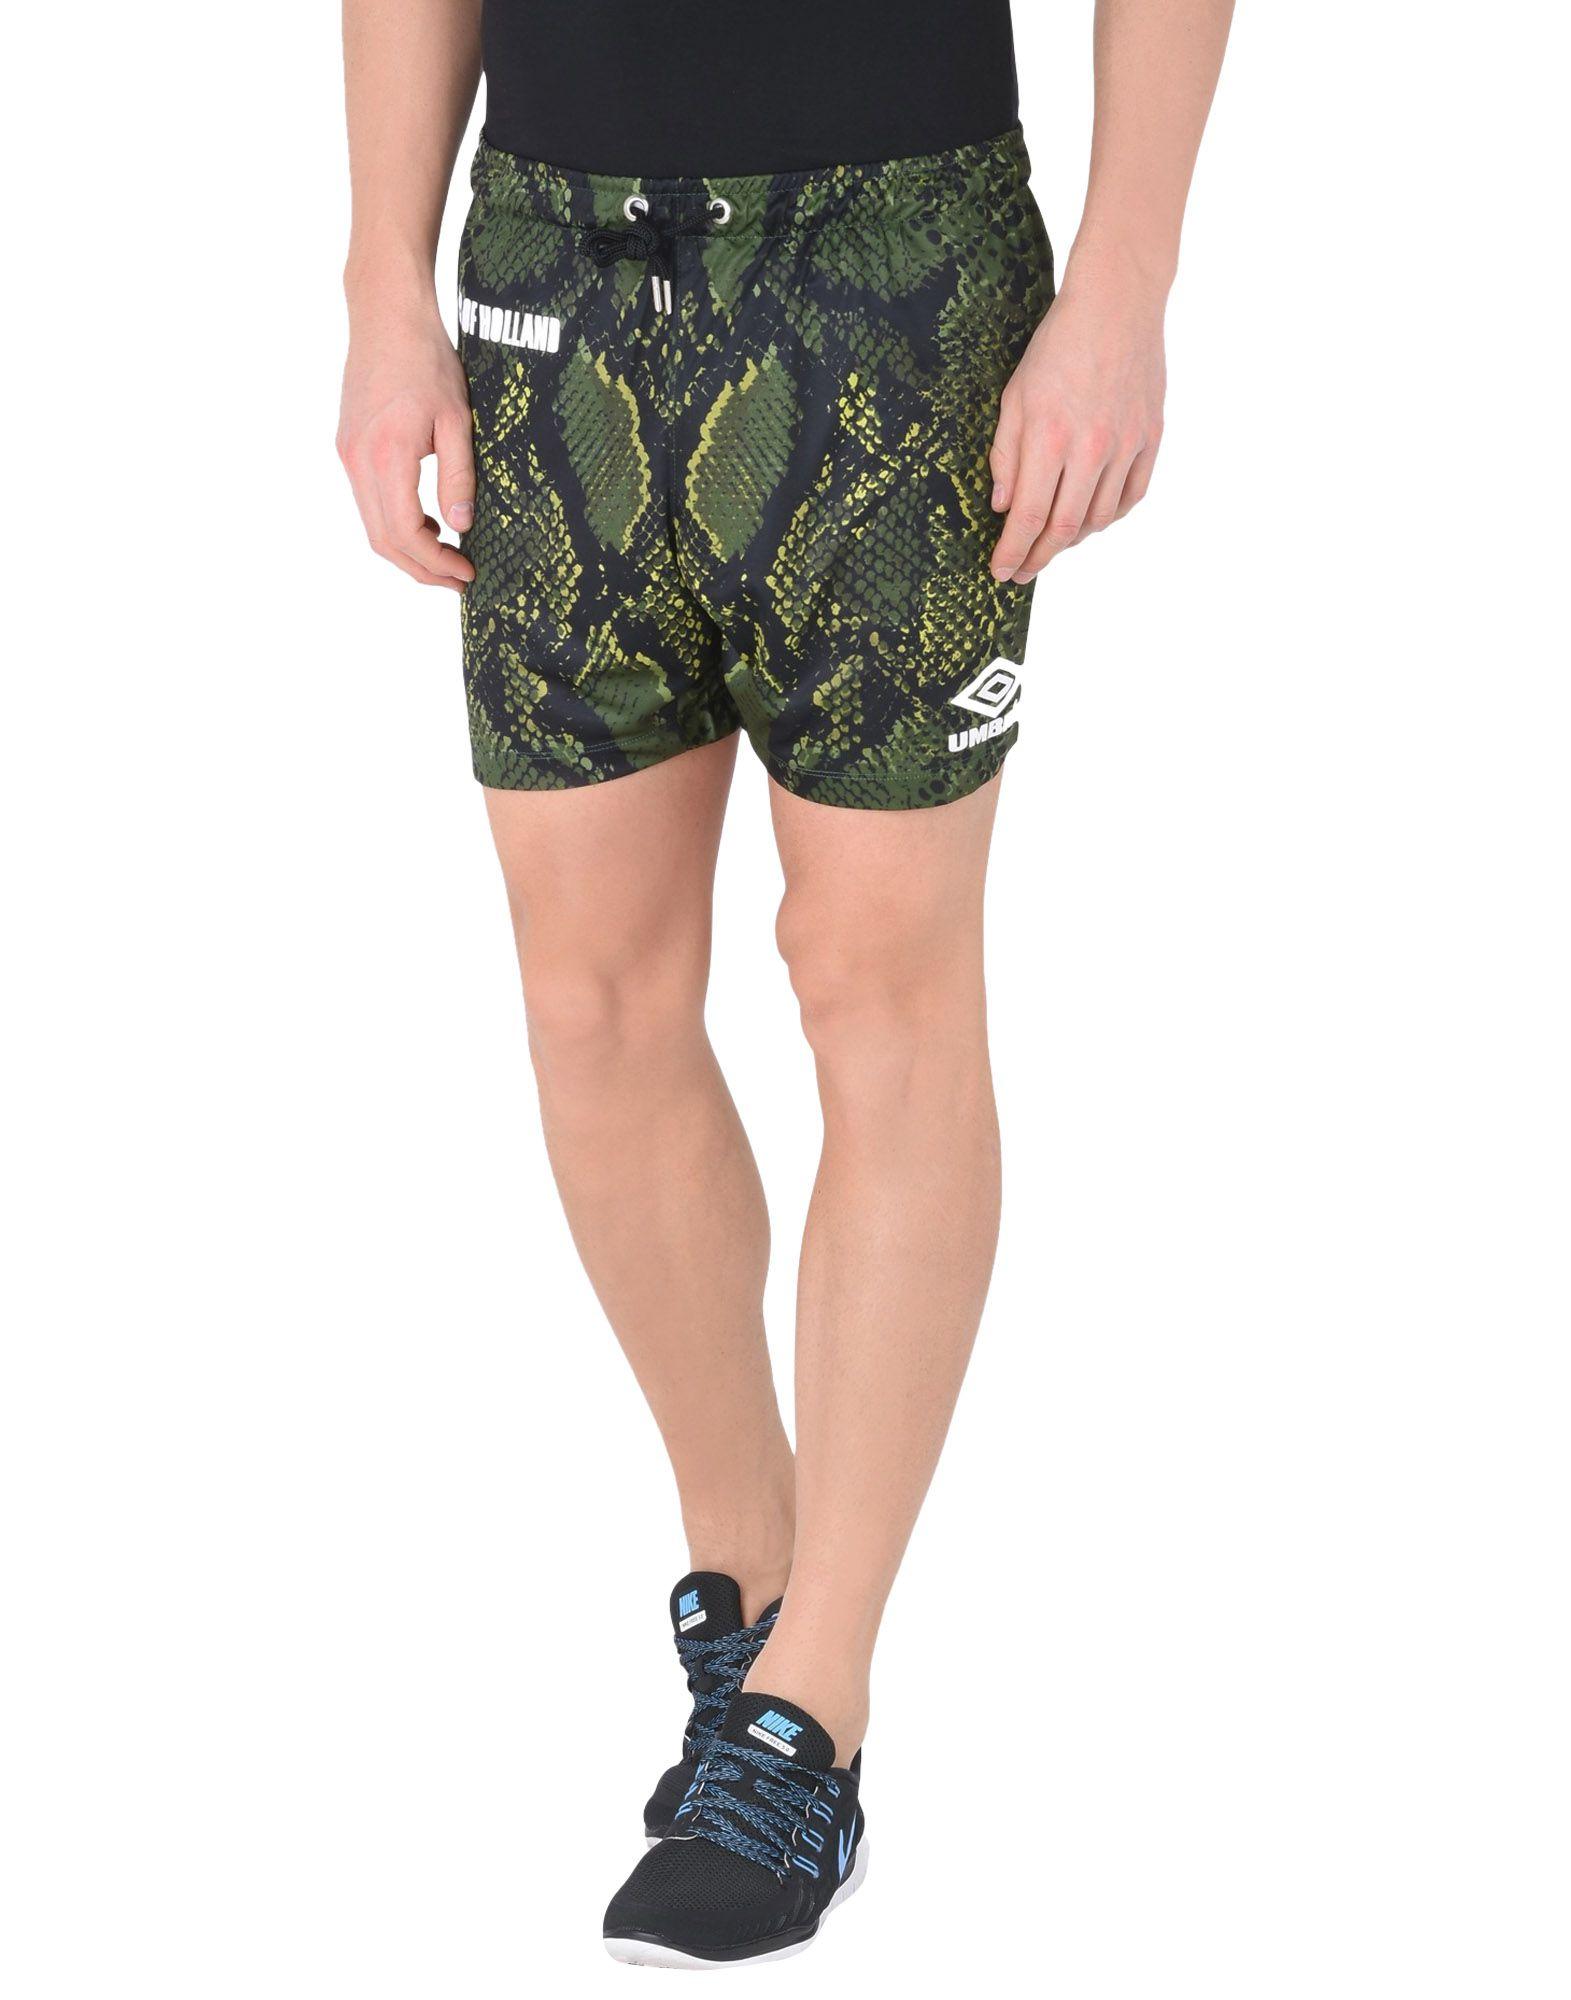 UMBRO x HOUSE OF HOLLAND Пляжные брюки и шорты sort of looser пляжные брюки и шорты